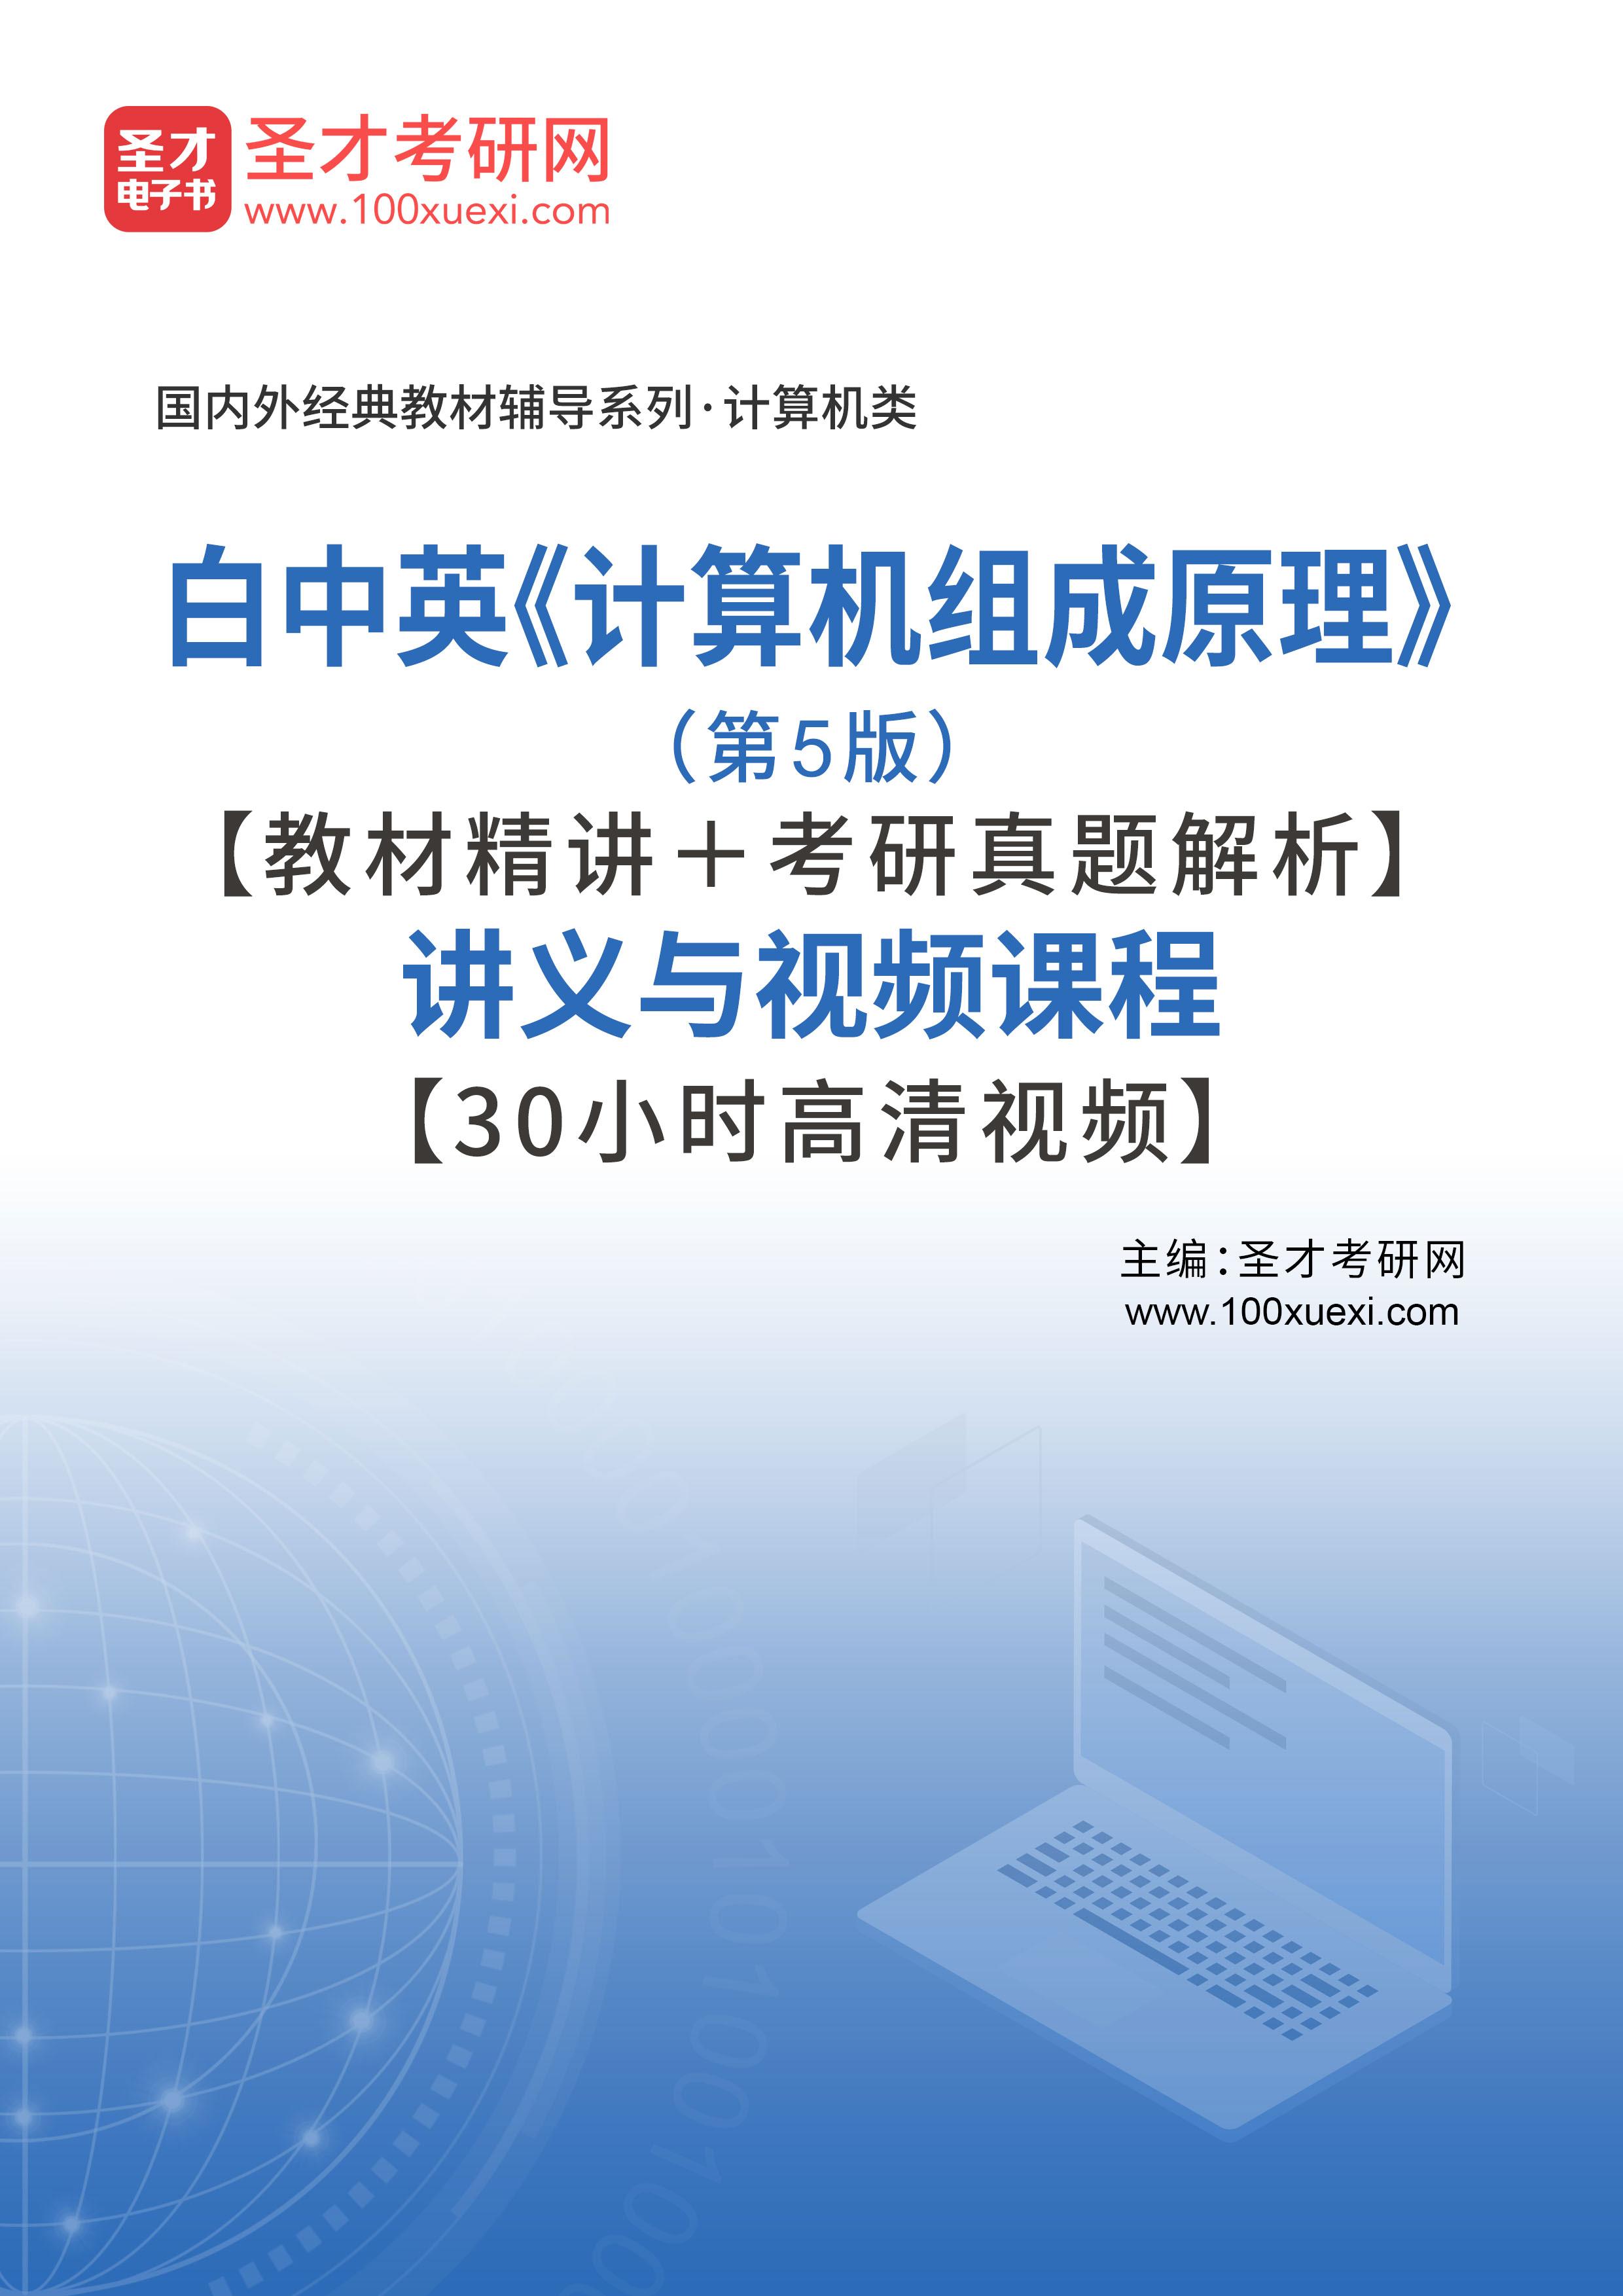 【教材】白中英《计算机组成原理》(第5版)讲义与视频课程